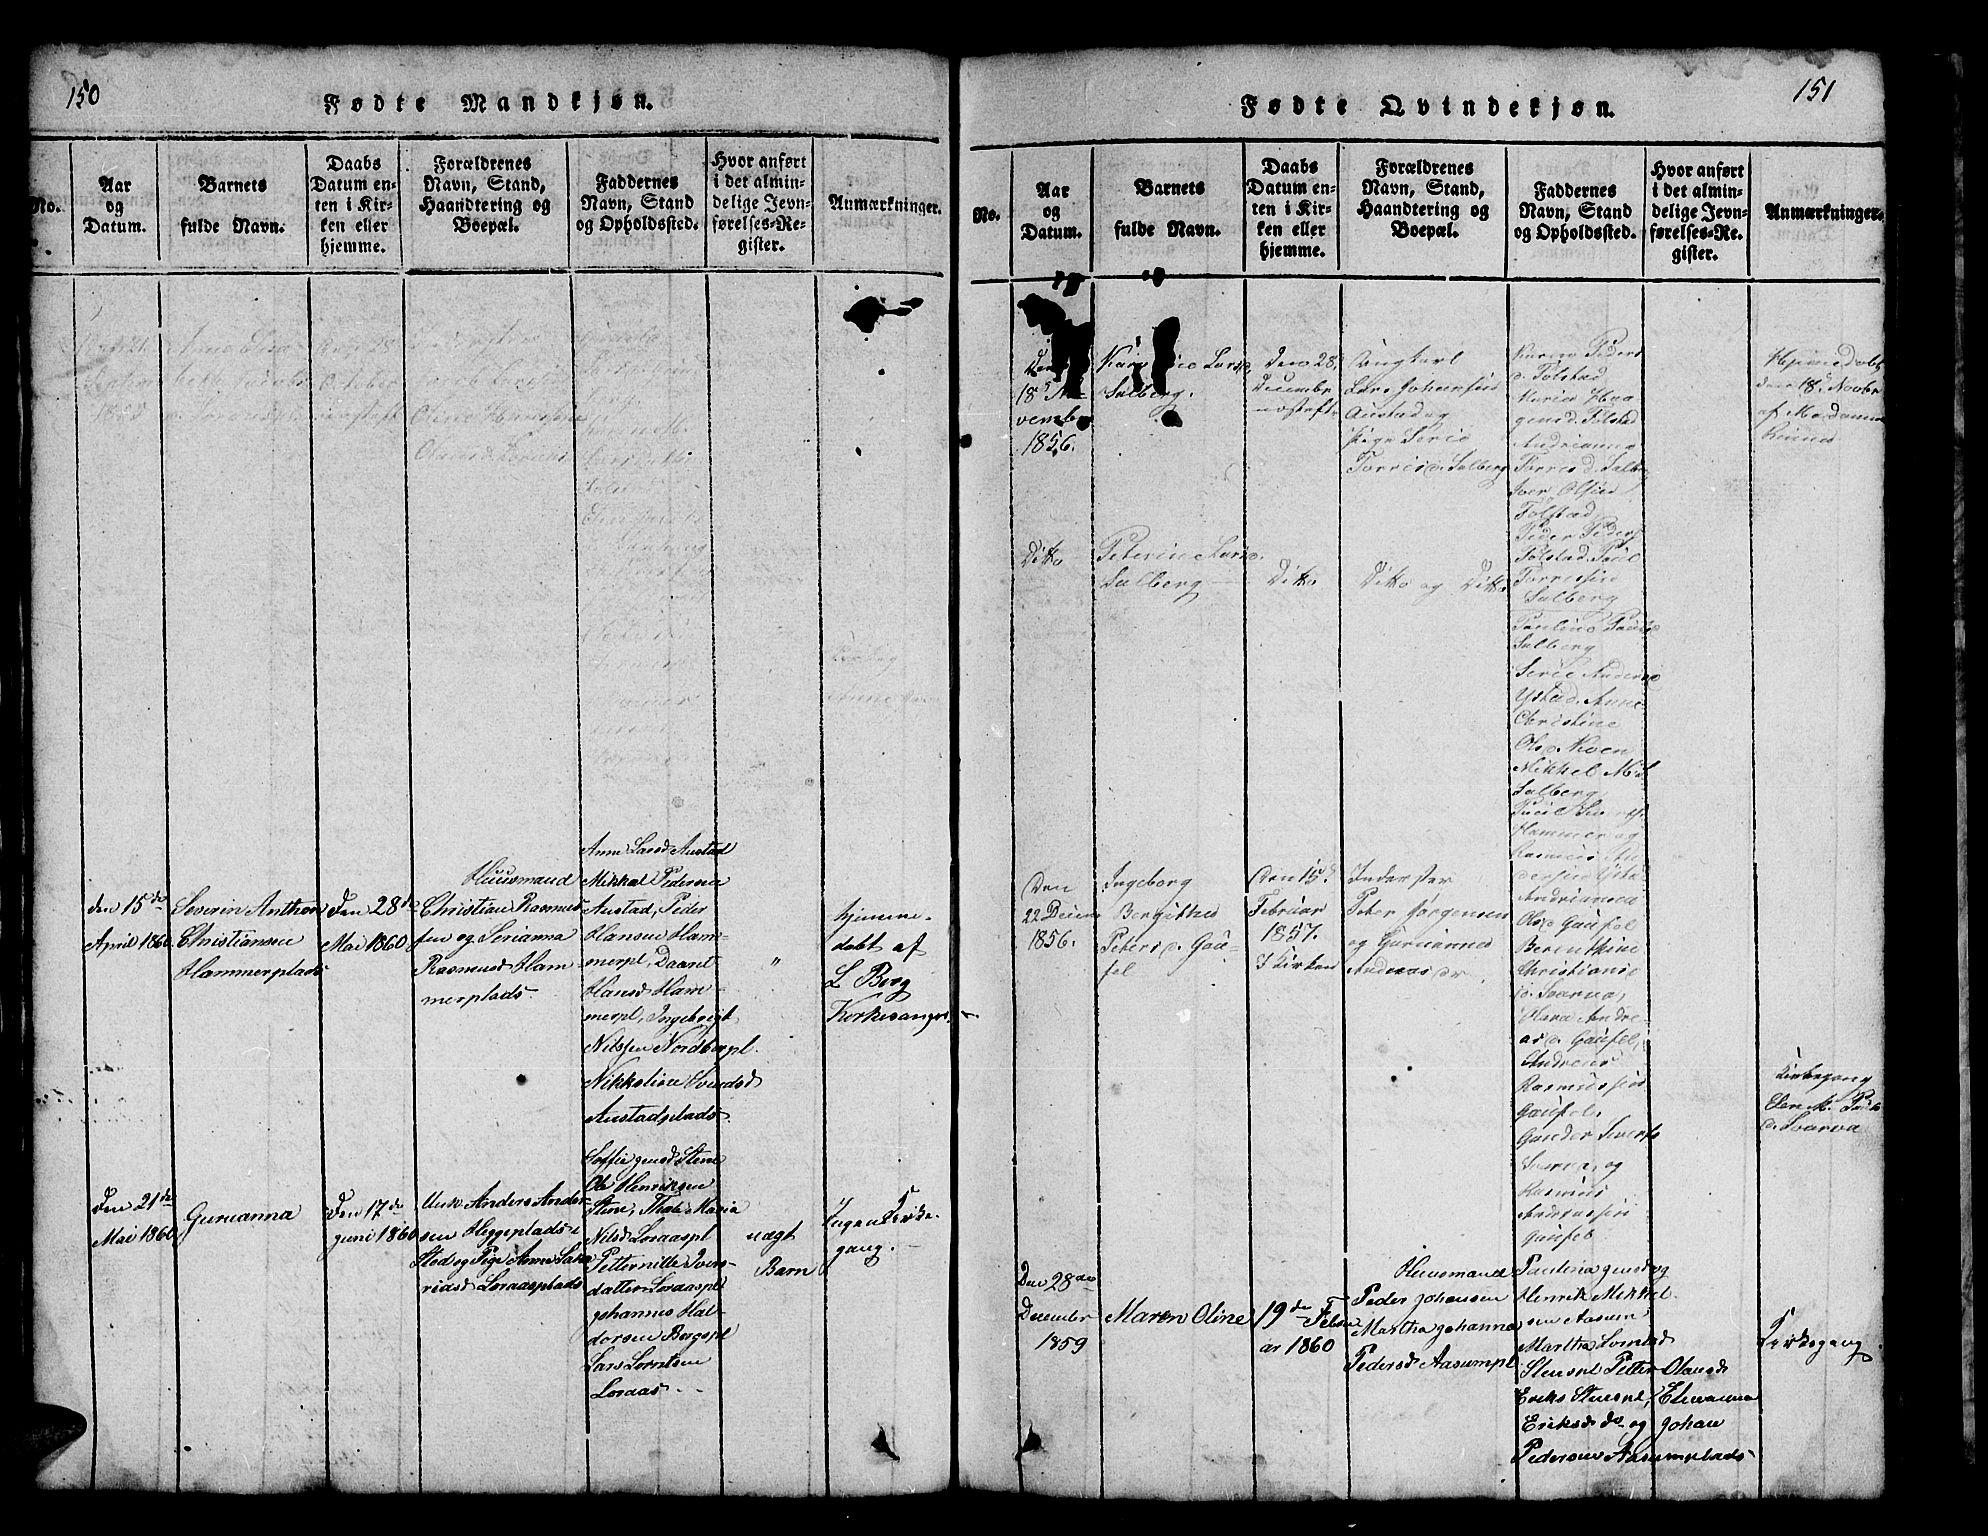 SAT, Ministerialprotokoller, klokkerbøker og fødselsregistre - Nord-Trøndelag, 731/L0310: Klokkerbok nr. 731C01, 1816-1874, s. 150-151